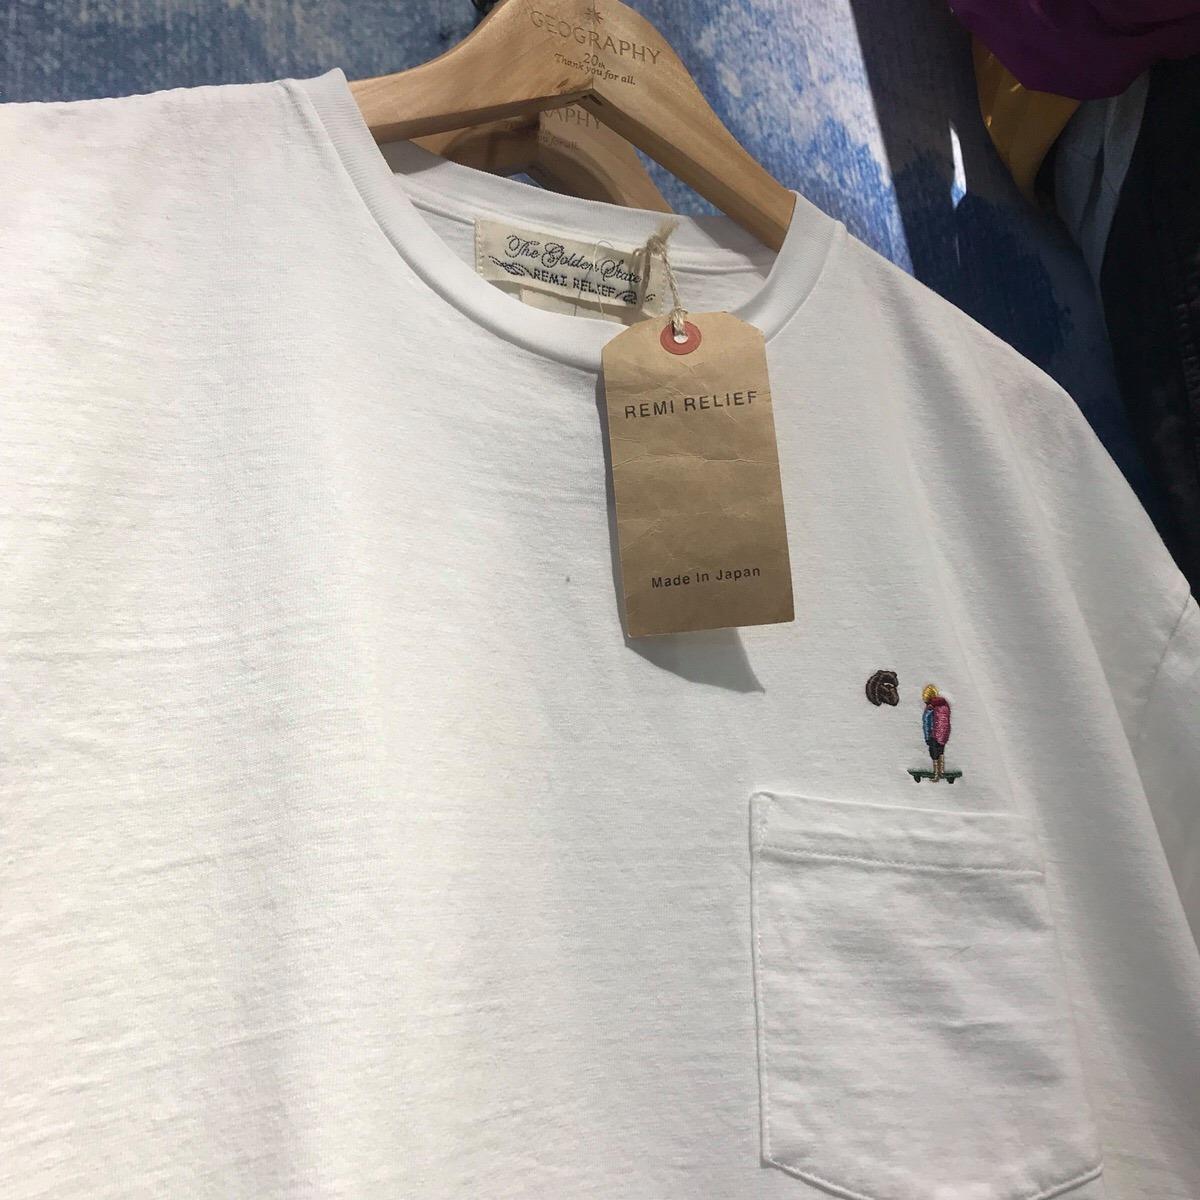 草津店 【REMI RELIEF/レミレリーフ】RN18249131 bear刺繍天竺半袖Tシャツ ¥8,800+tax